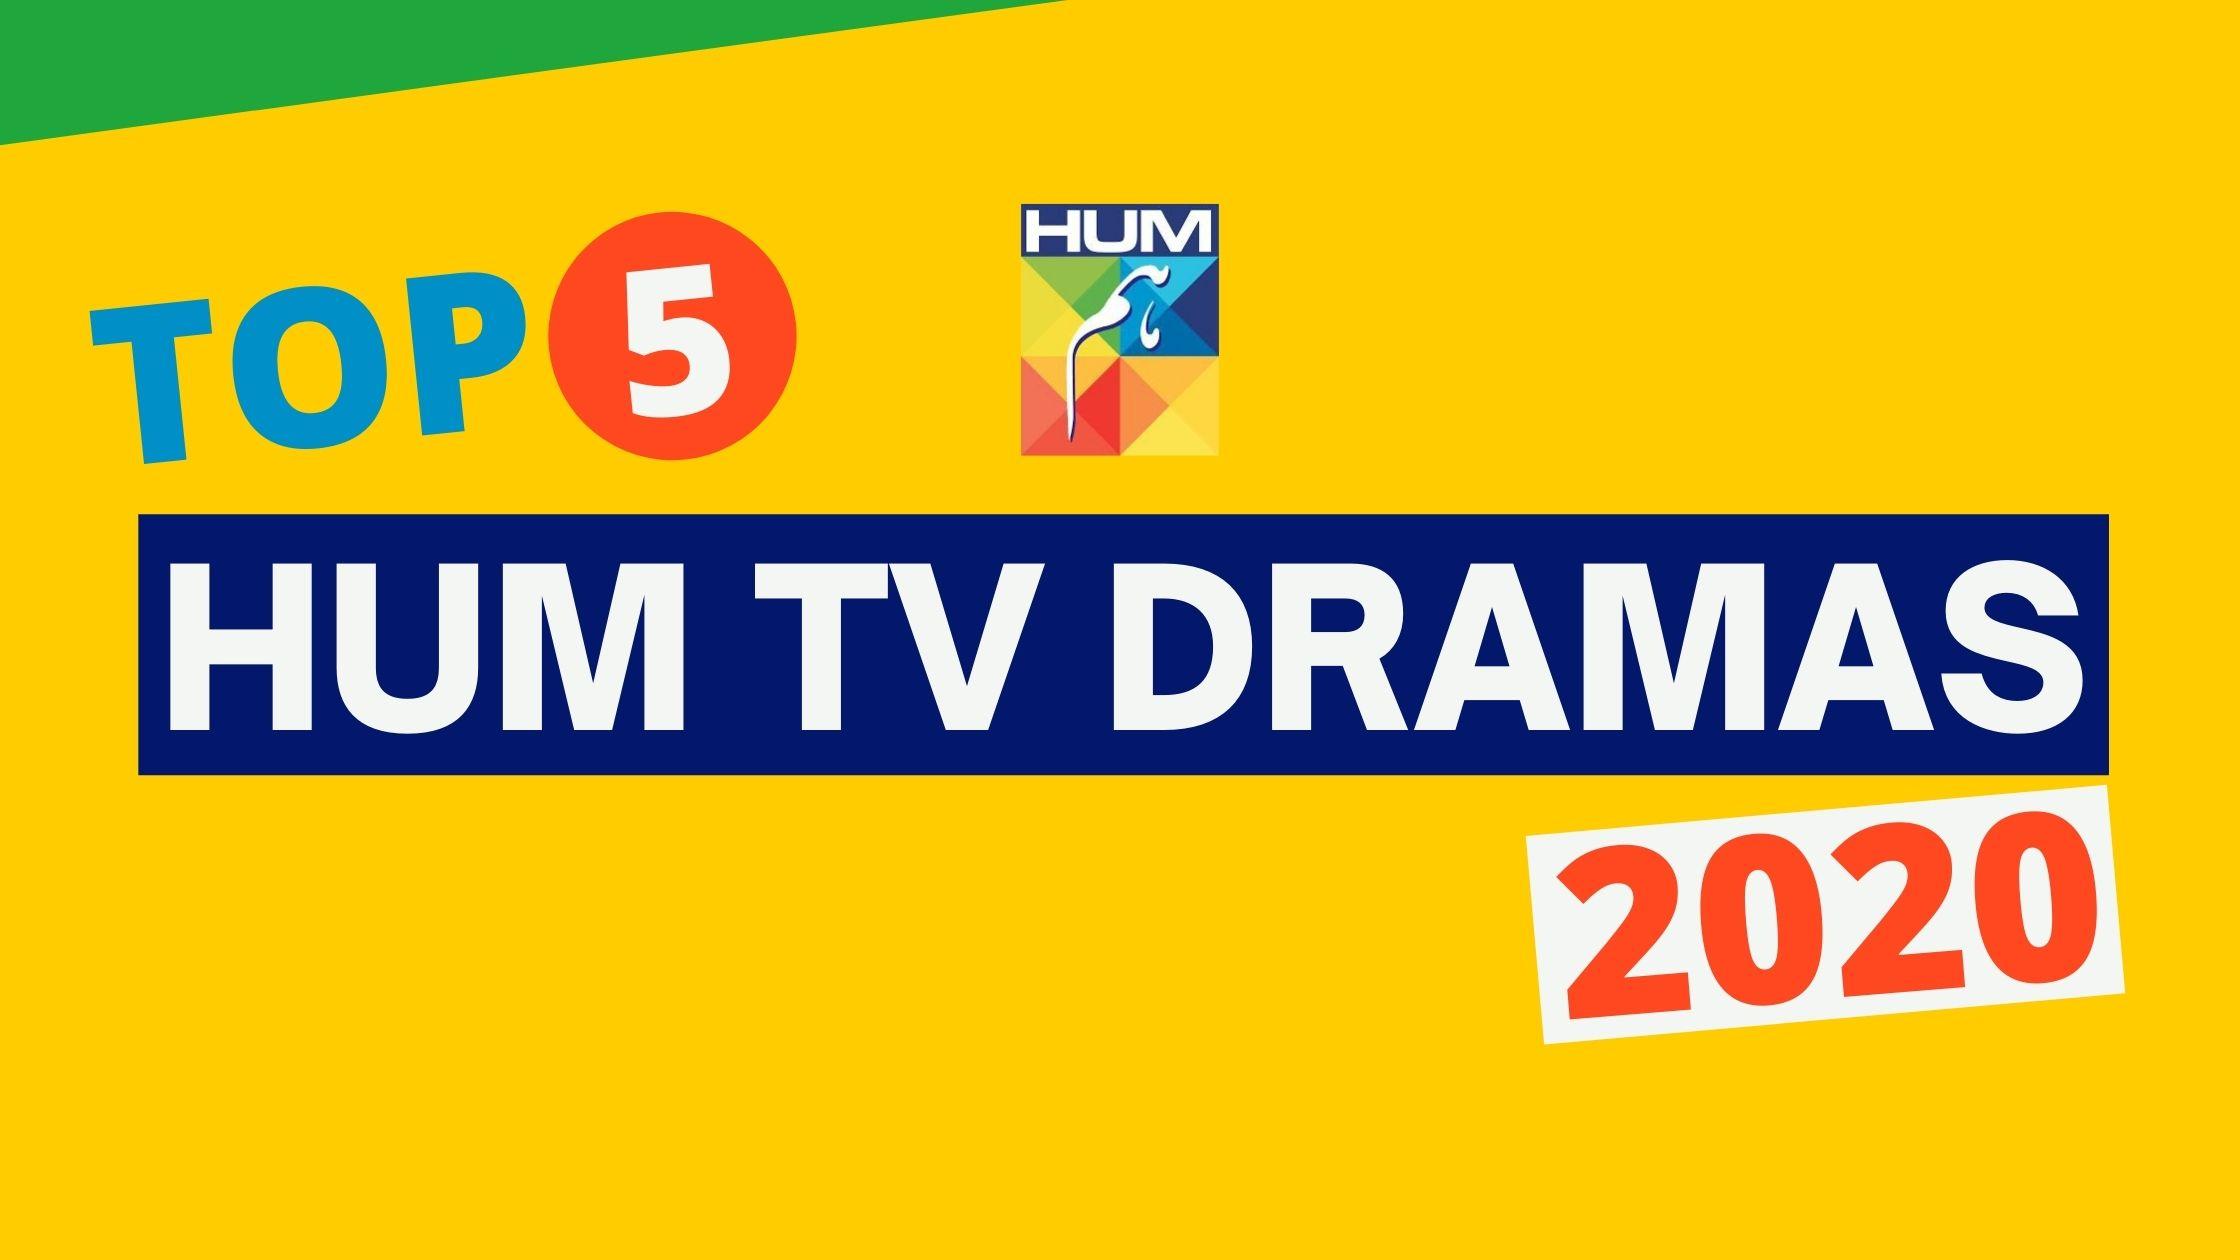 Top 5 HUM TV 2020